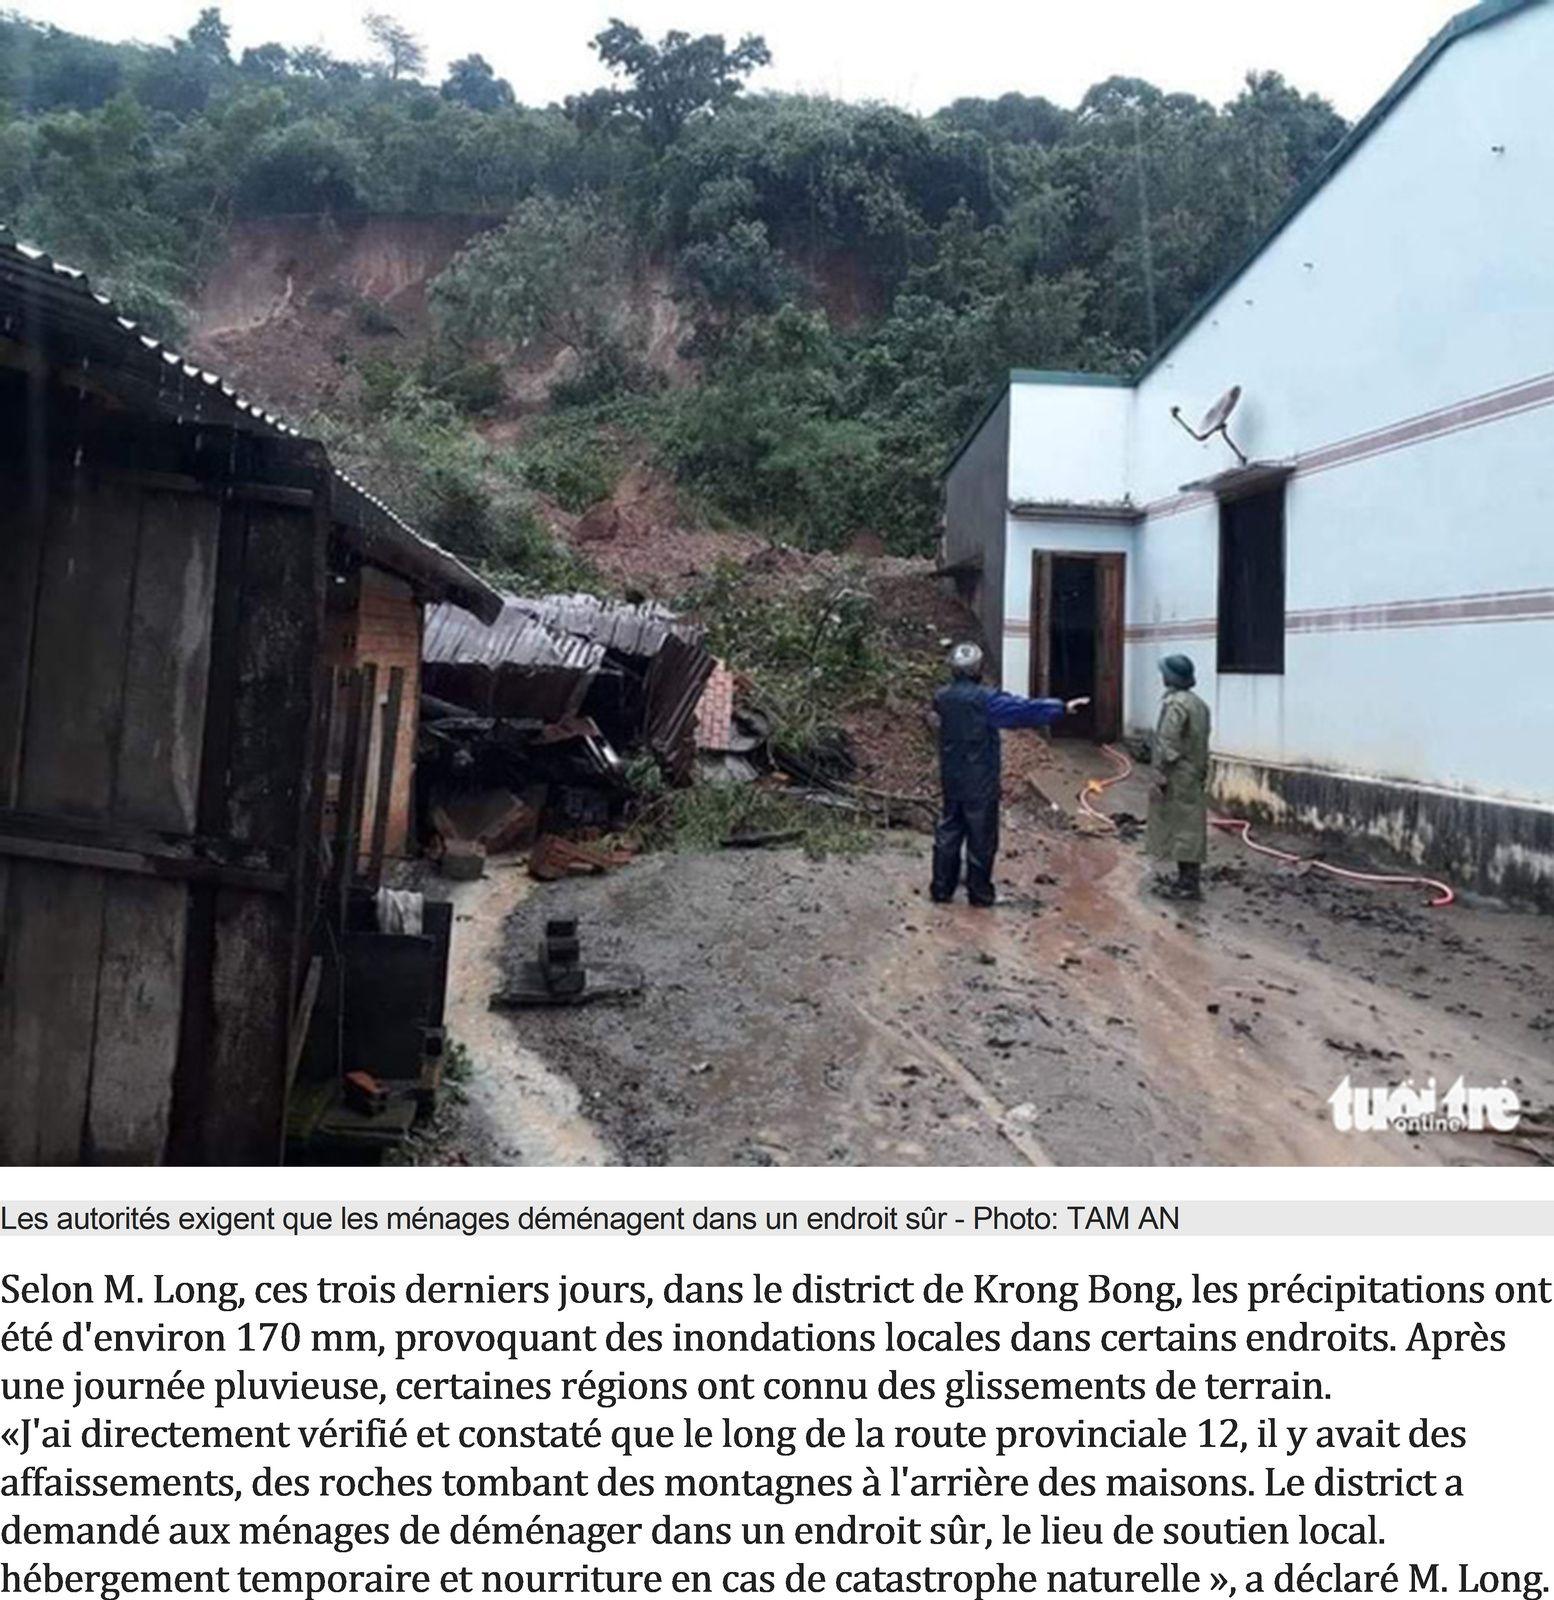 Infos sur la solidarité avec le Viêt Nam et retour sur les inondations de cet automne